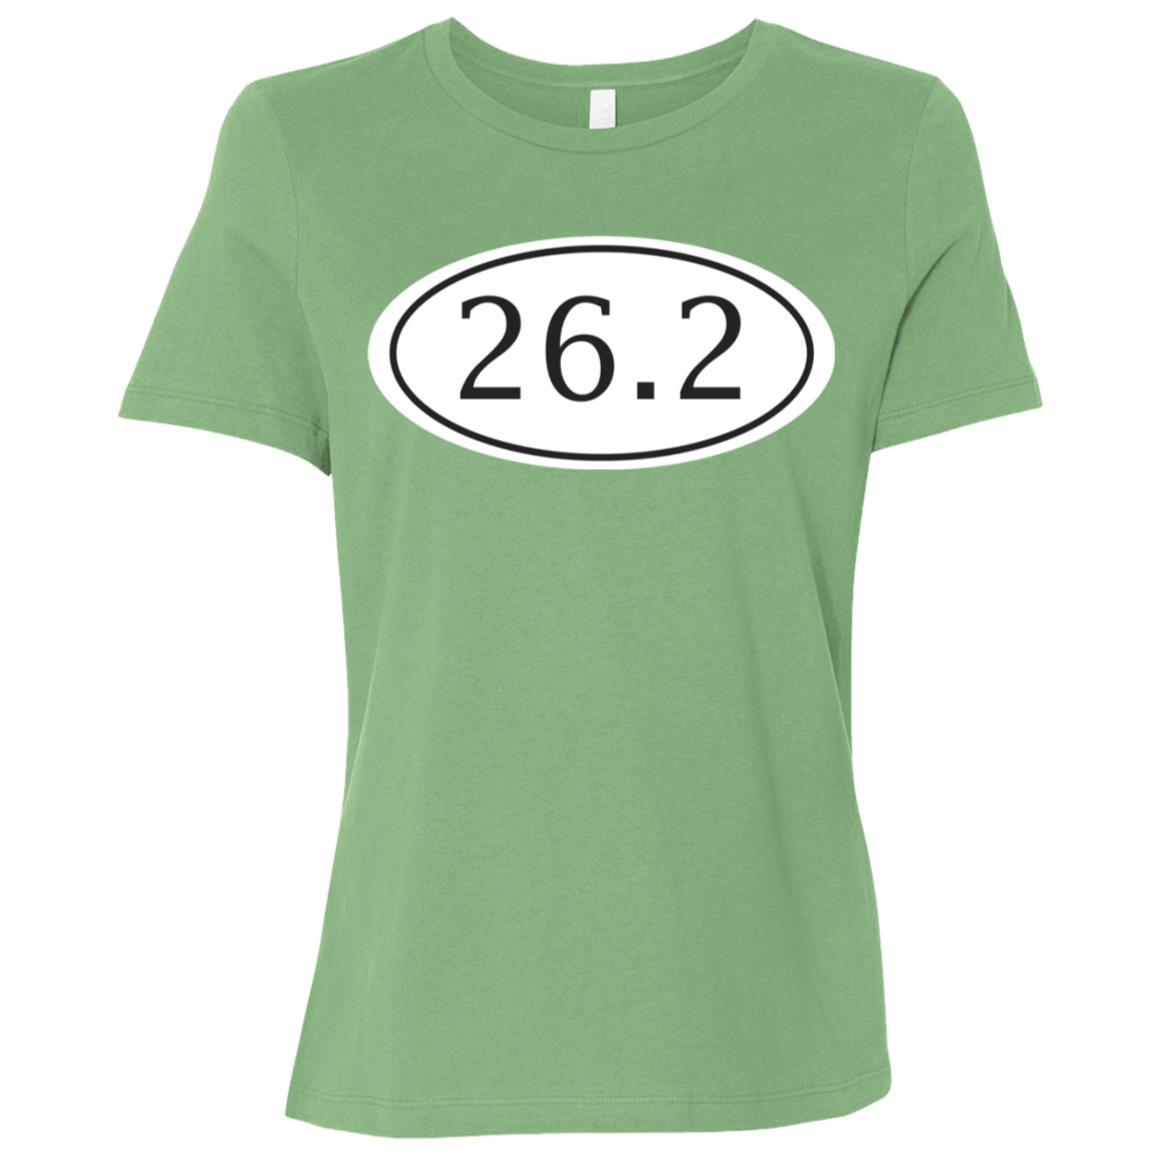 26.2 Marathon – Runner's for Marathoners Women Short Sleeve T-Shirt